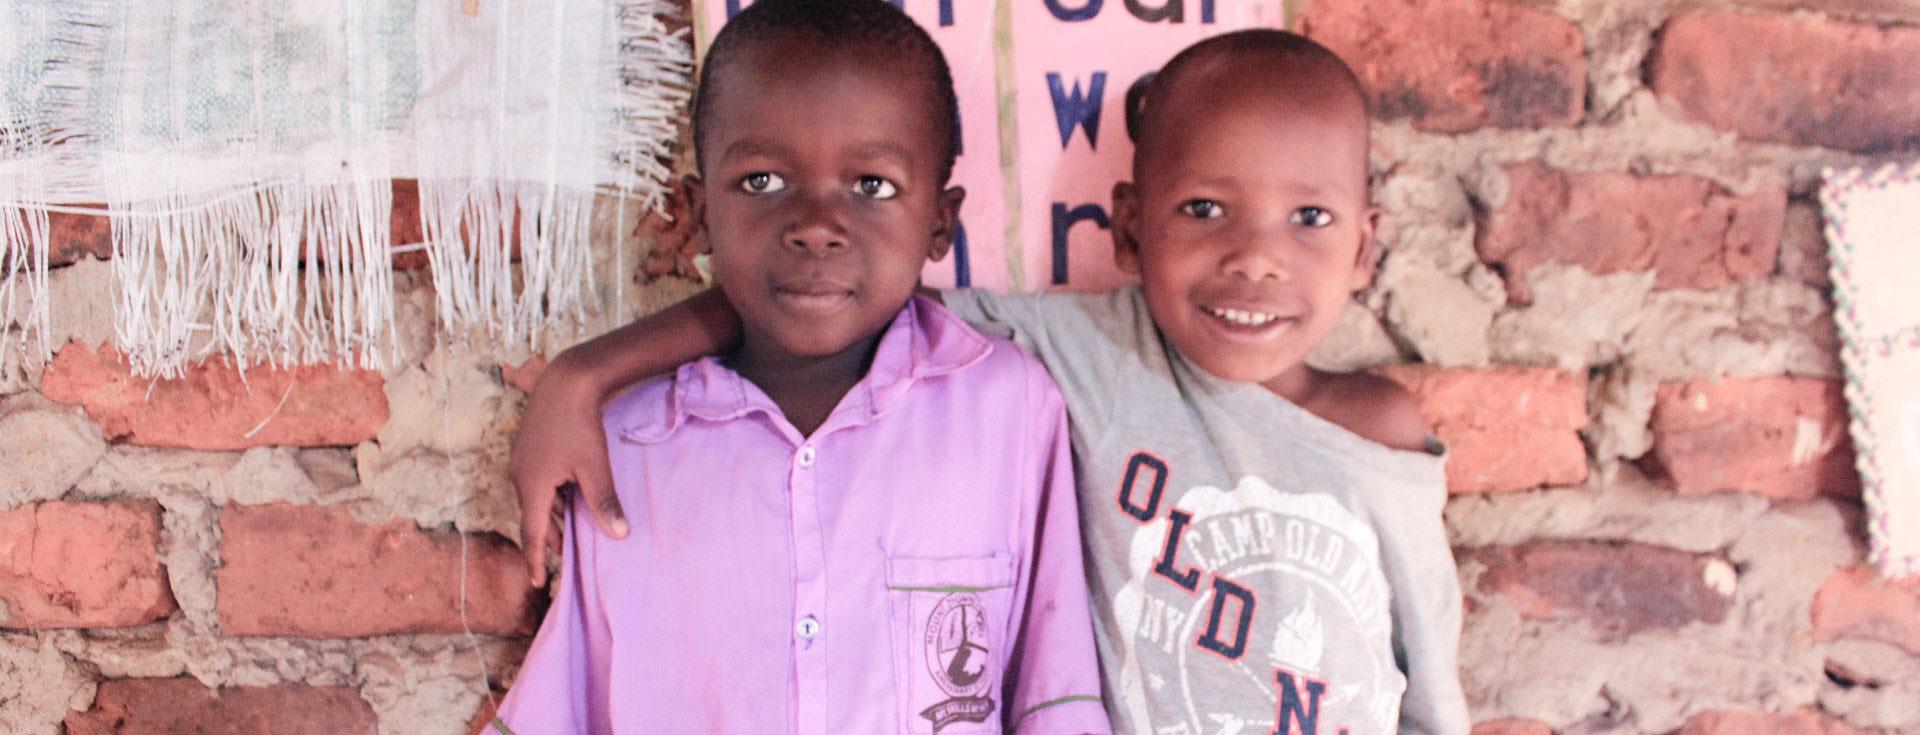 Kindern mit Behinderung in Uganda ein würdevolles Leben schenken